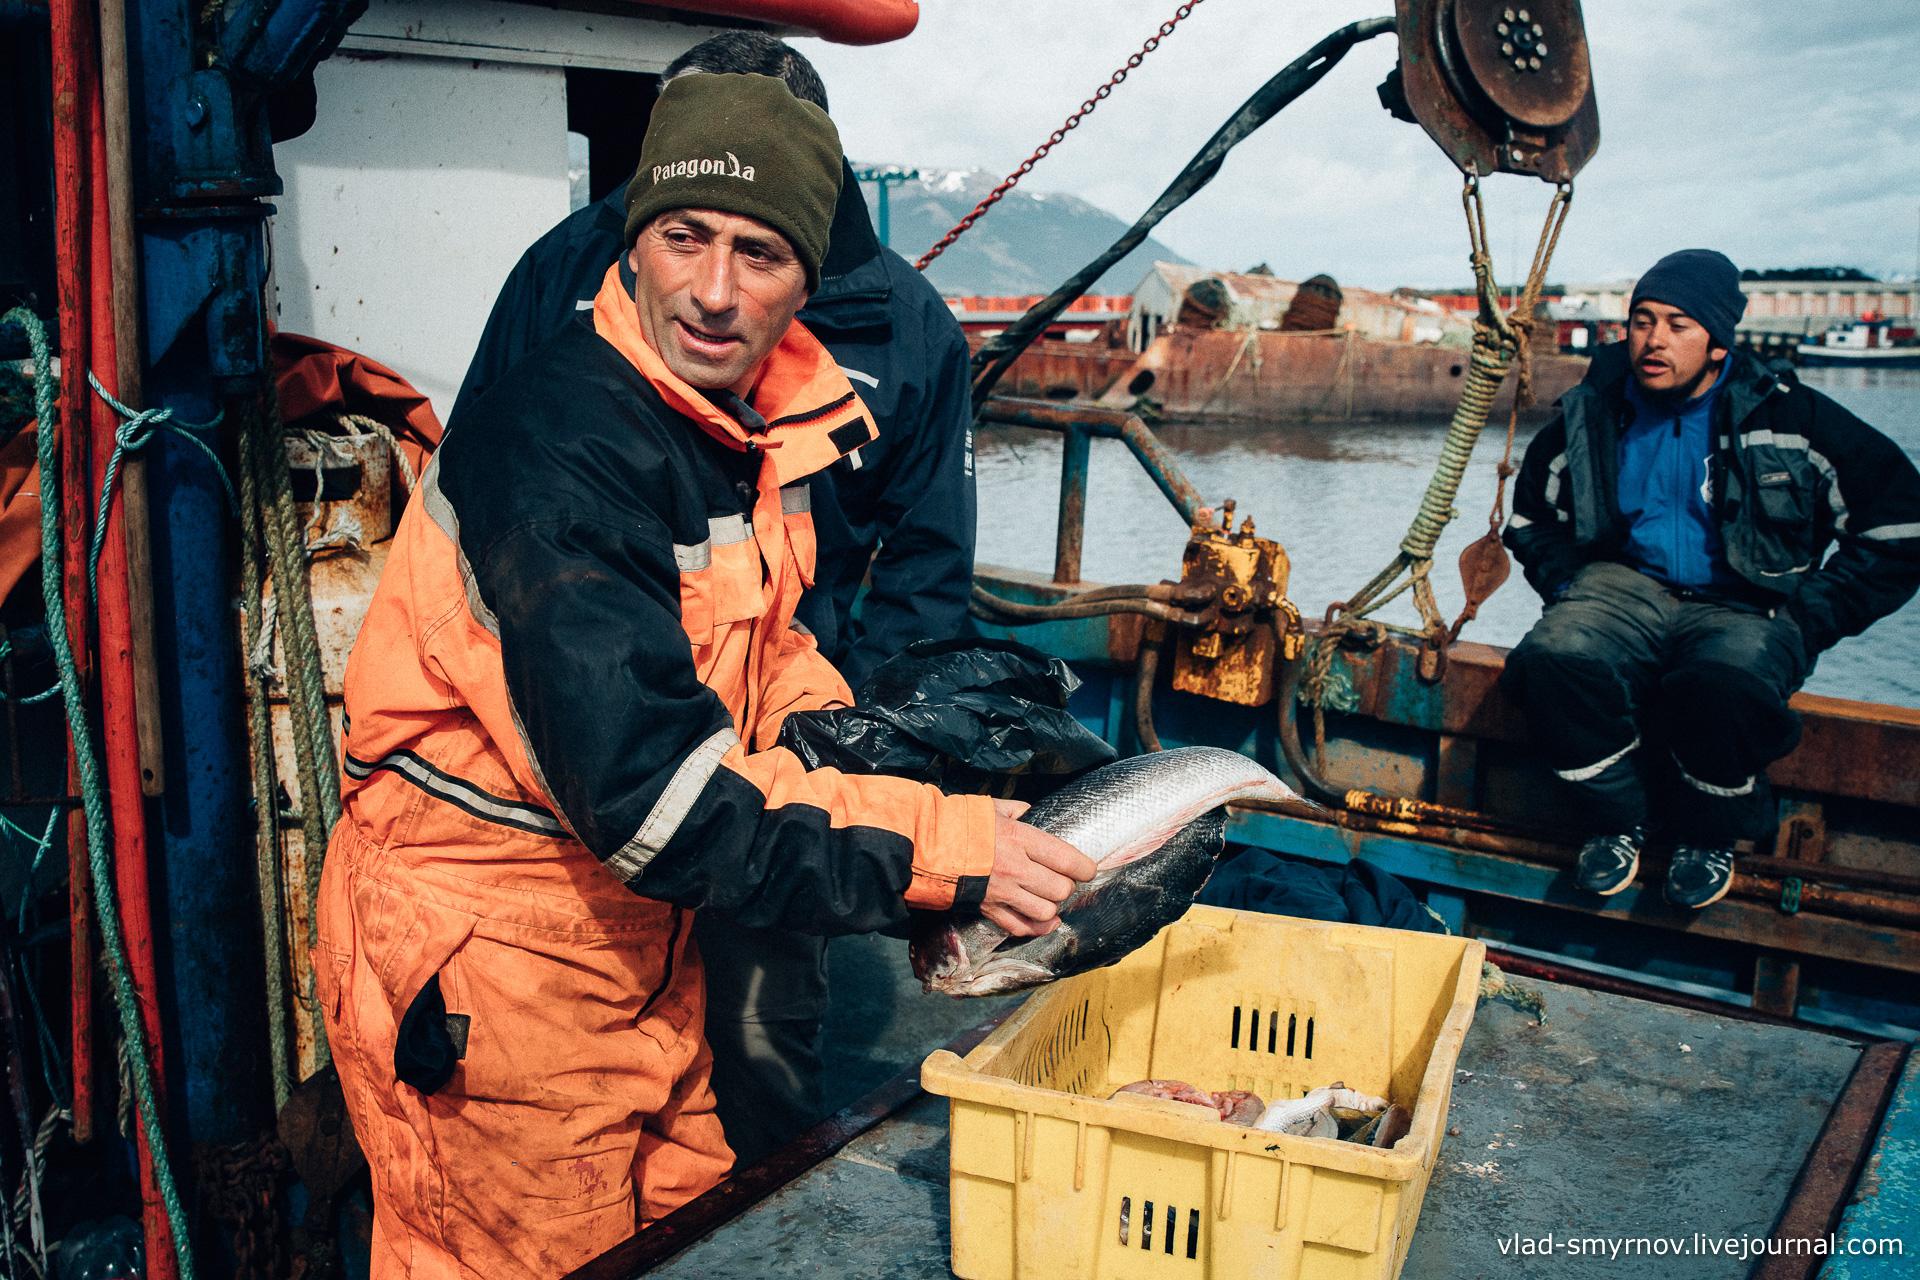 Рыбак. Пуэрто-Уильямс